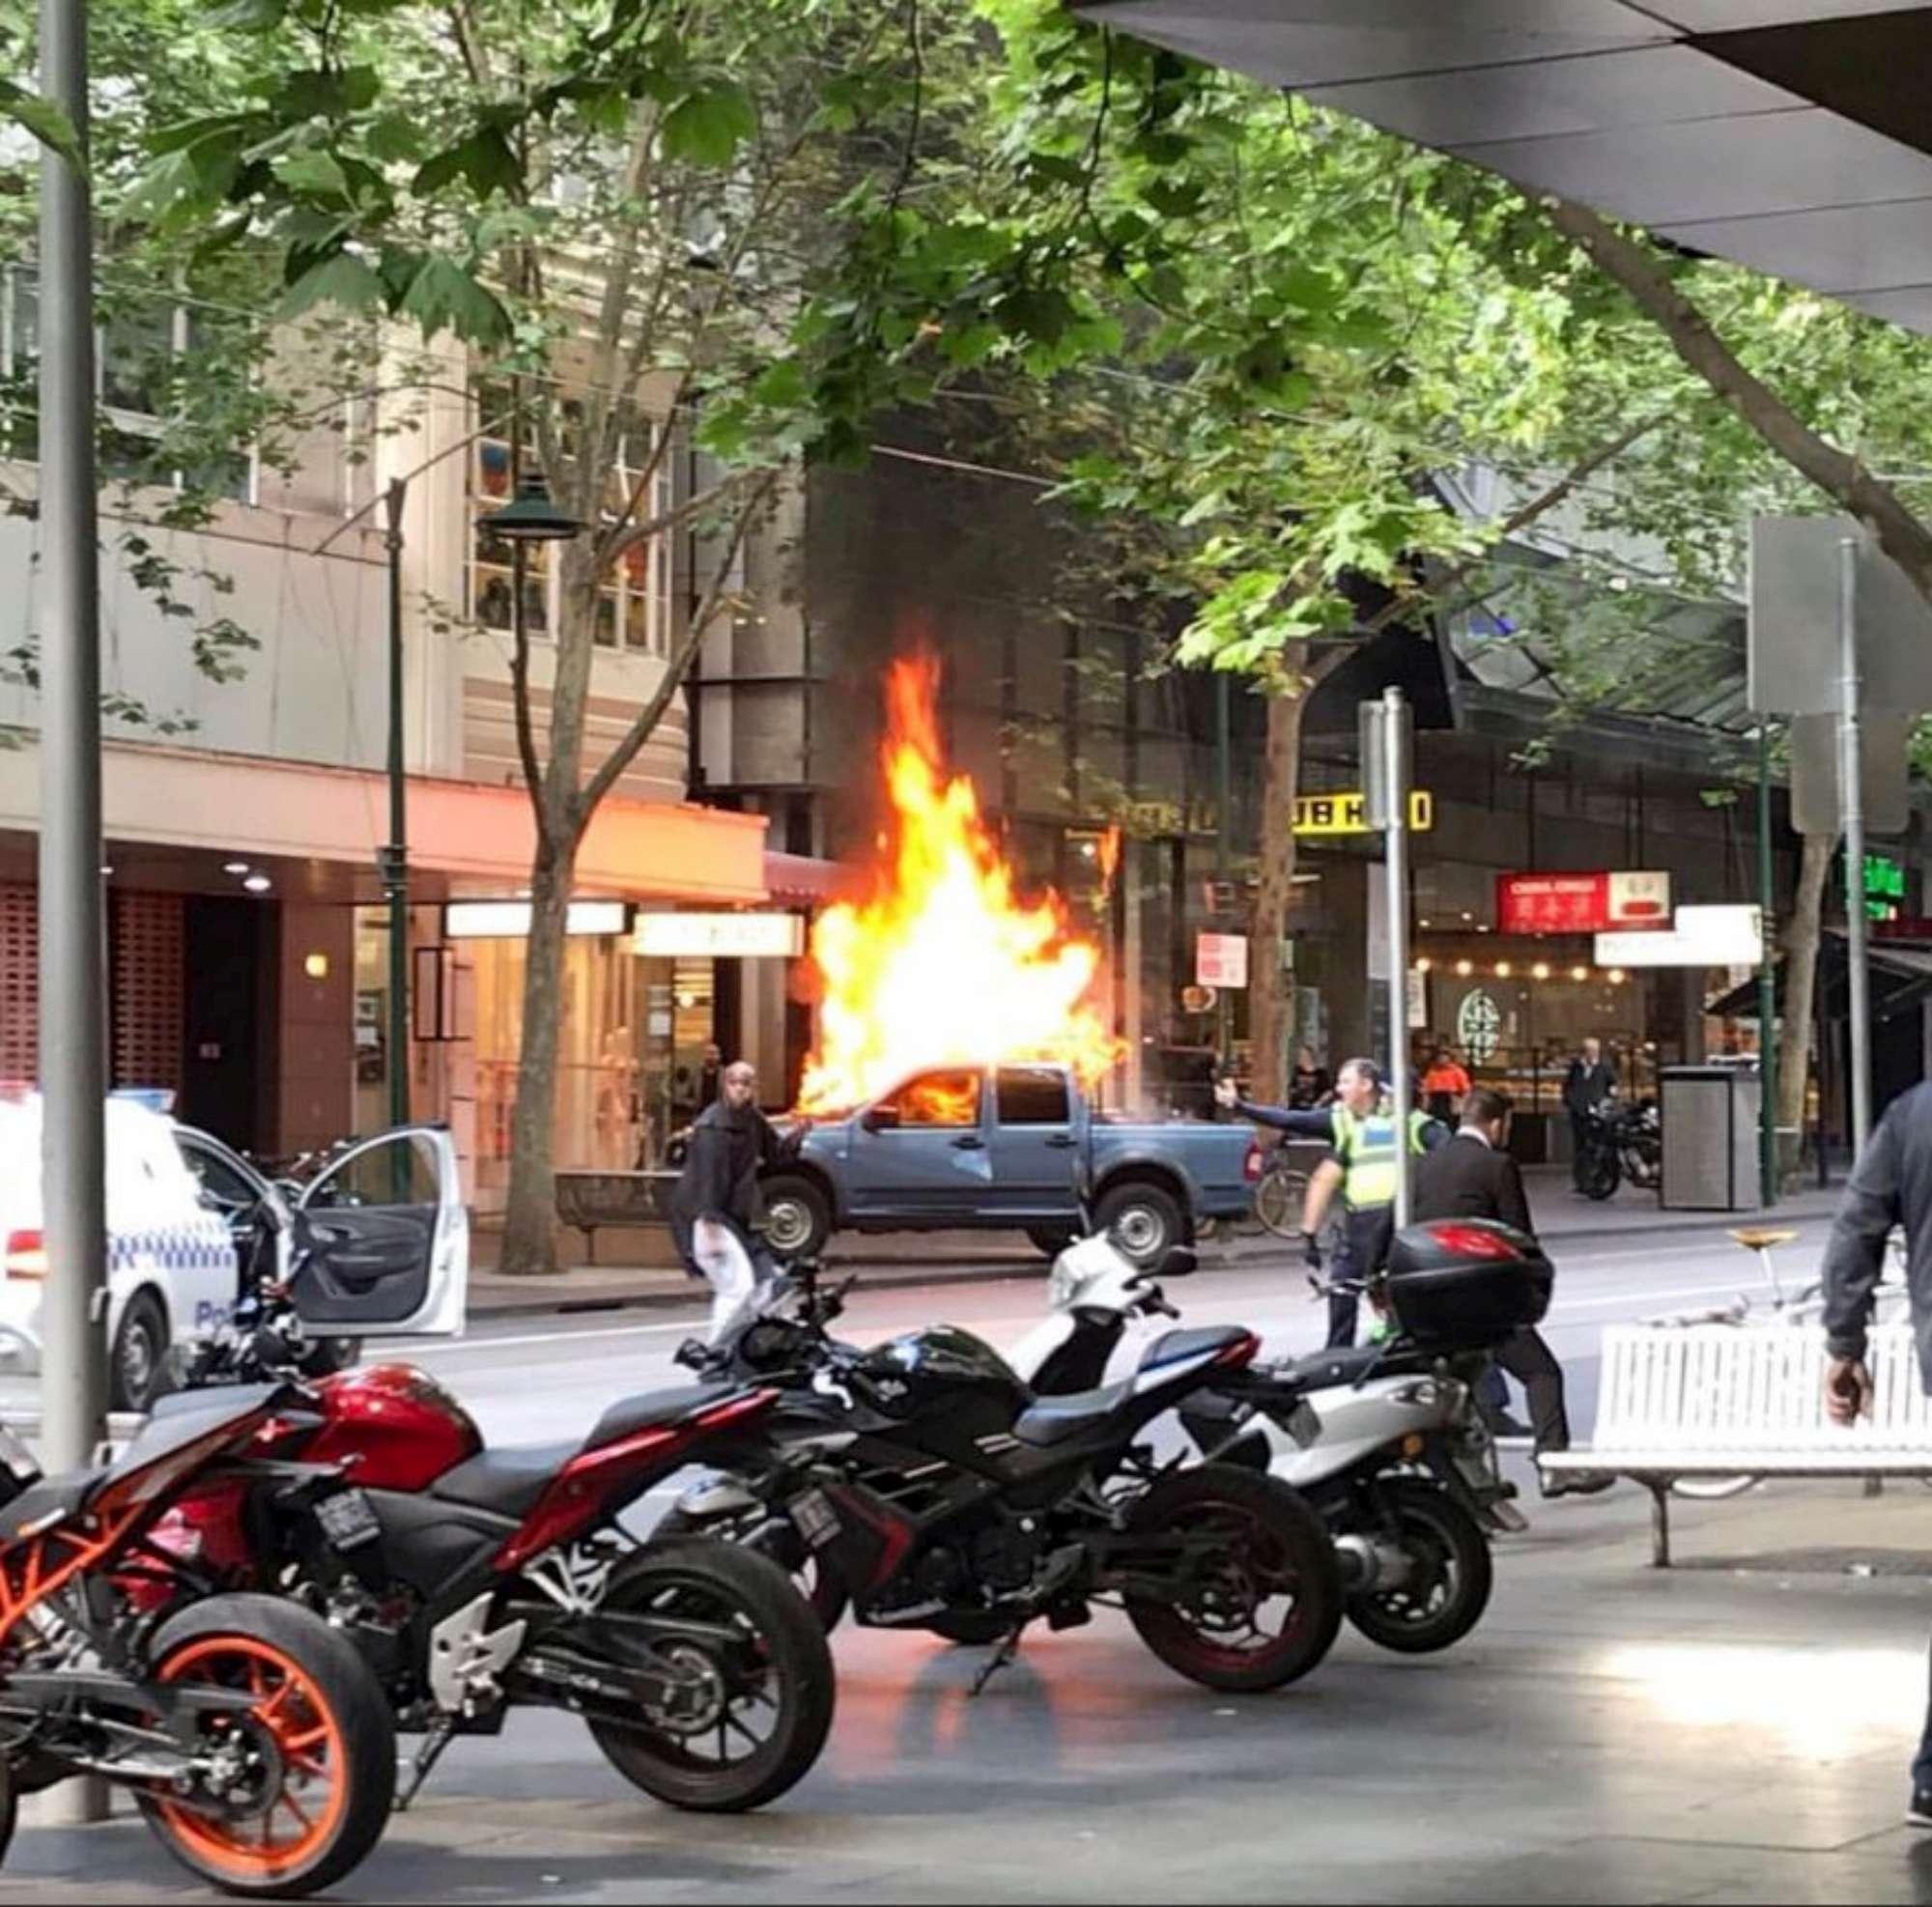 Melbourne, incendia la sua auto e pugnala diverse persone: arrestato